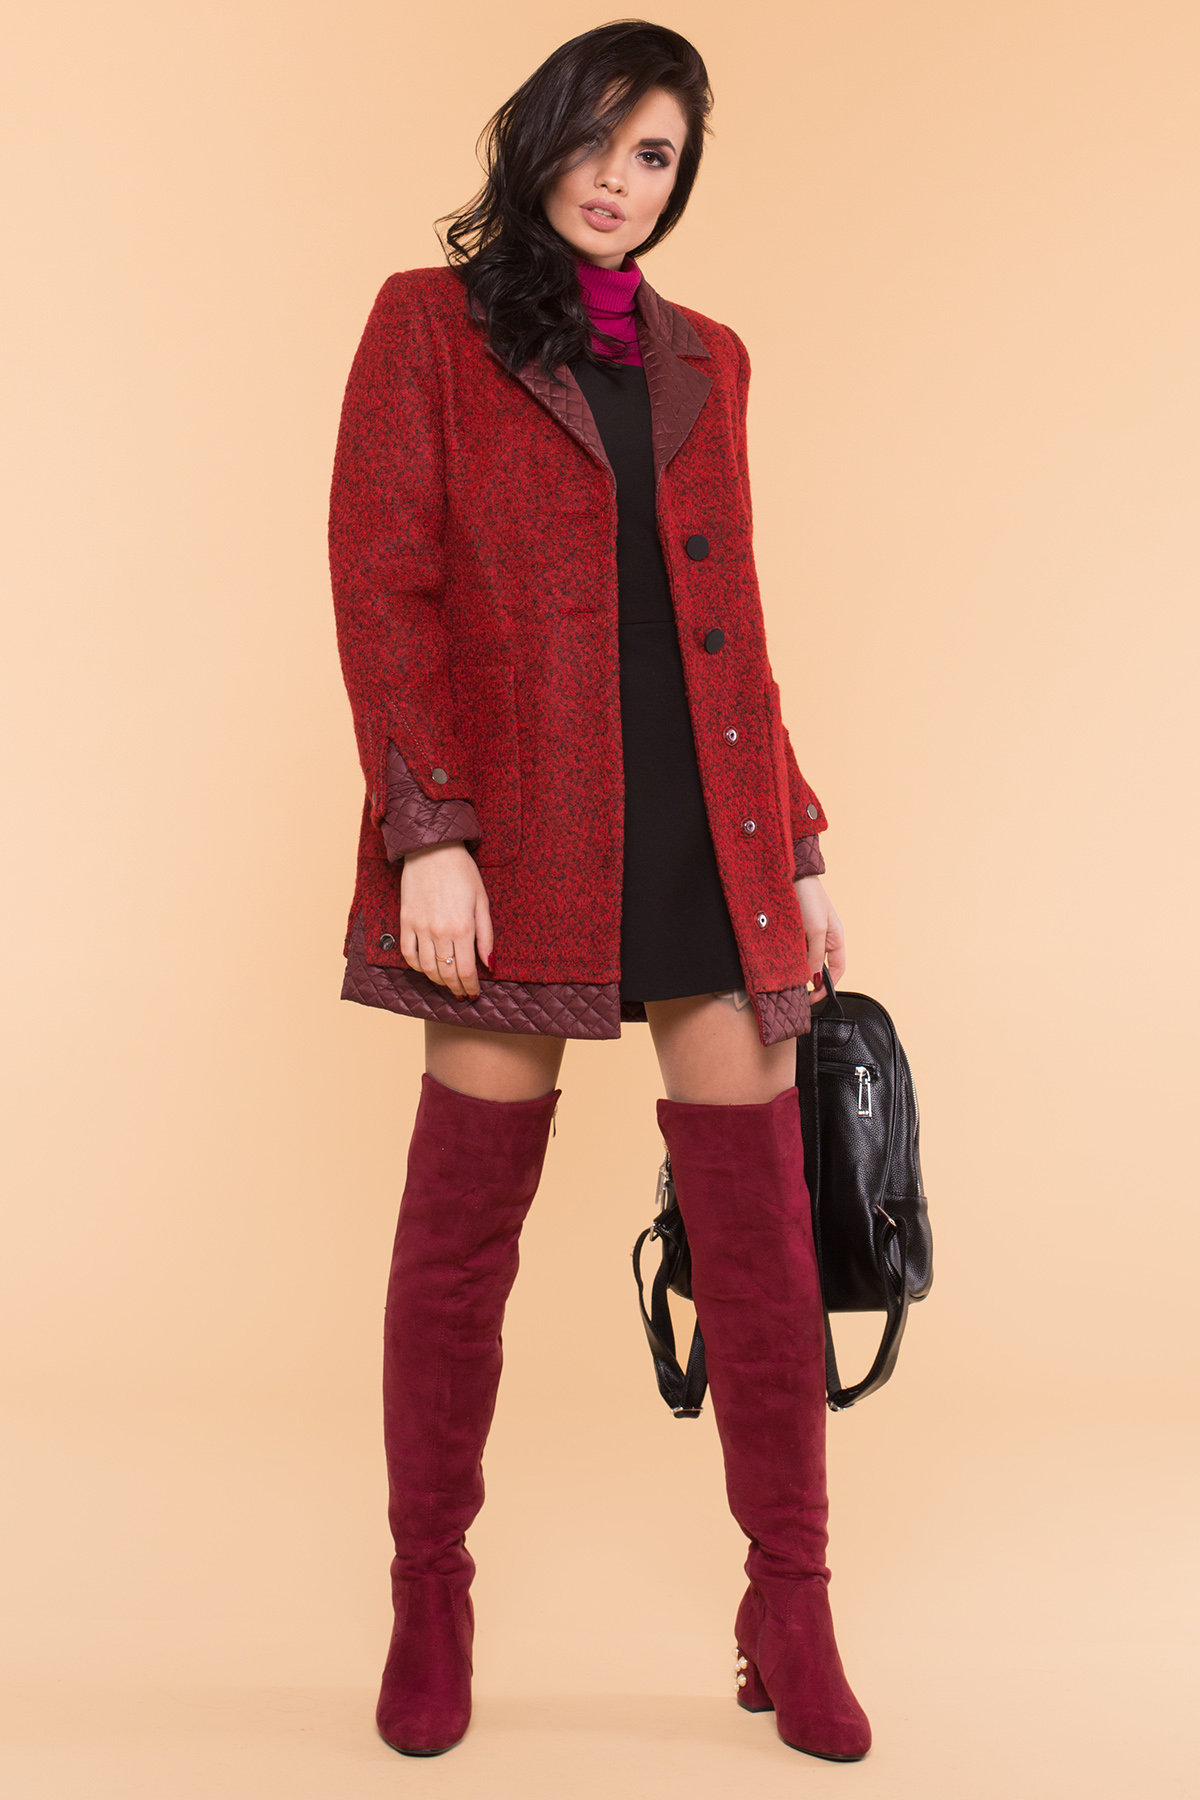 Пальто Астор 1052 АРТ. 9046 Цвет: Красный/черный/бордо - фото 3, интернет магазин tm-modus.ru